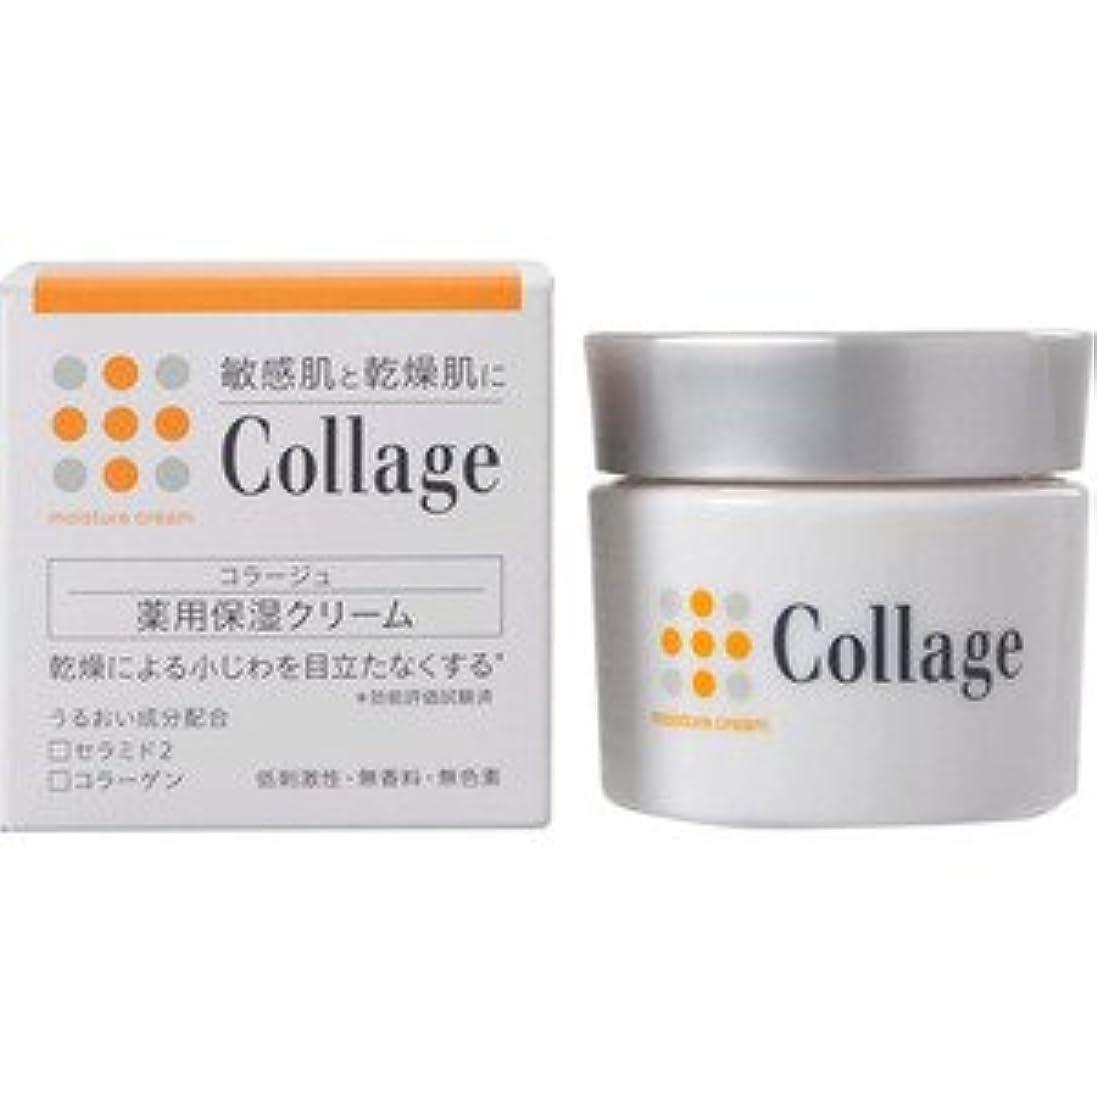 ヒープアセお世話になったコラージュ 薬用保湿クリーム 30g×2【持田ヘルスケア】【4987767661452】